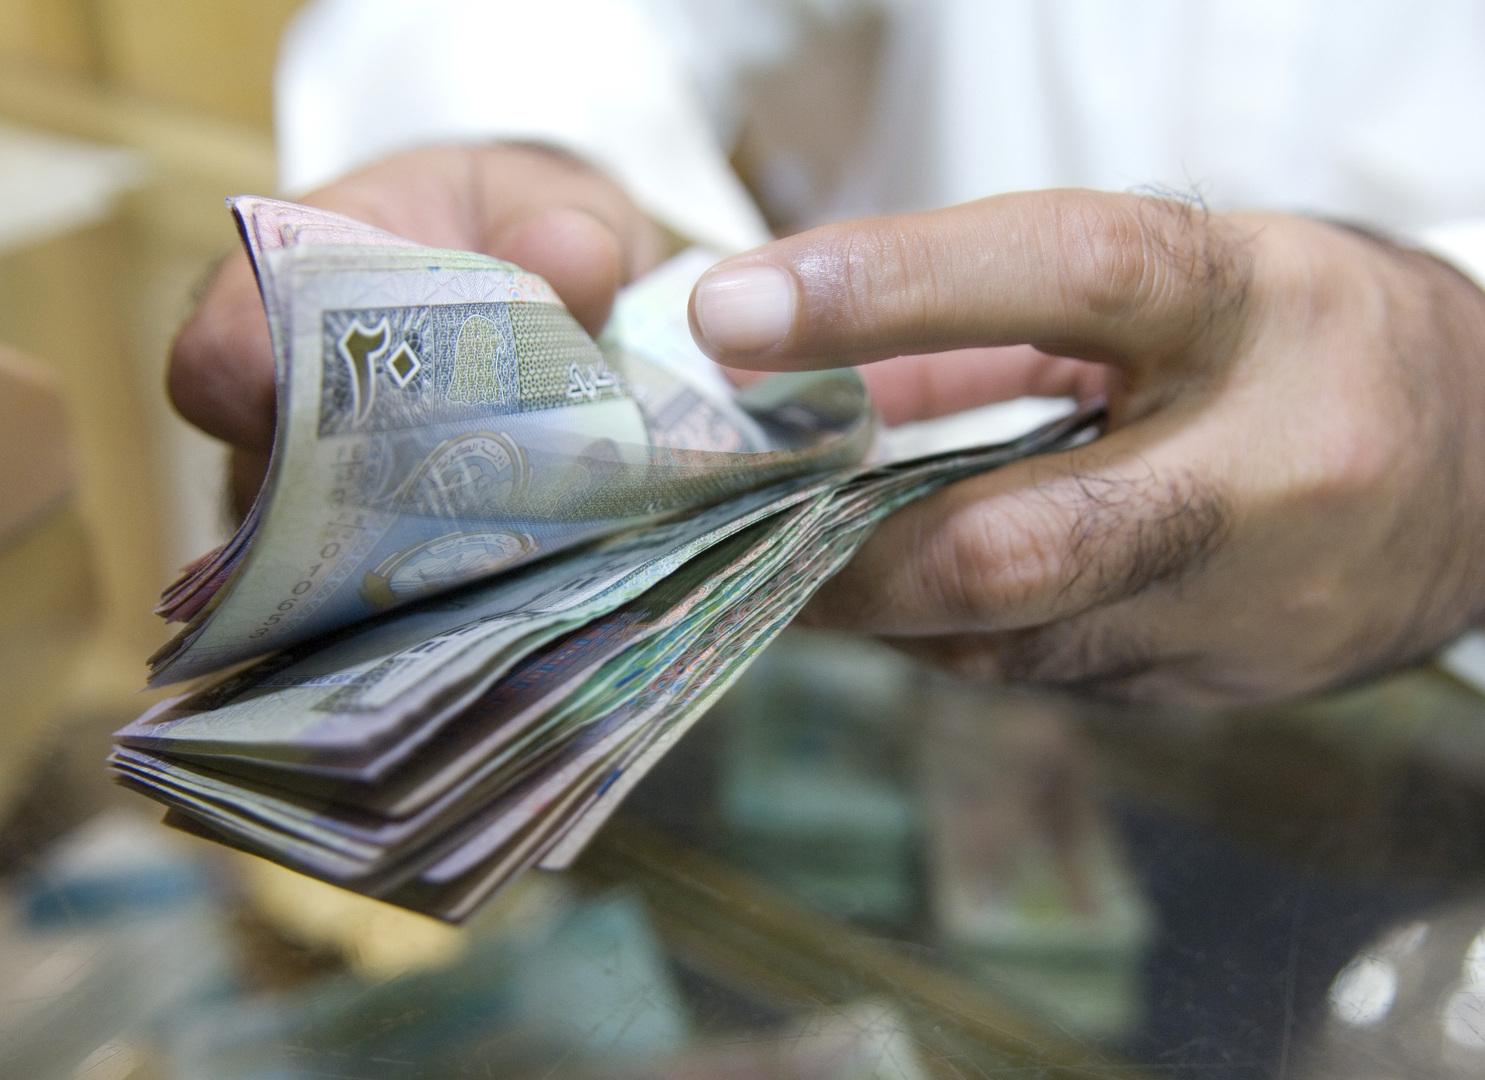 المركزي الكويتي يدعو لإصلاحات لضمان الاستقرار